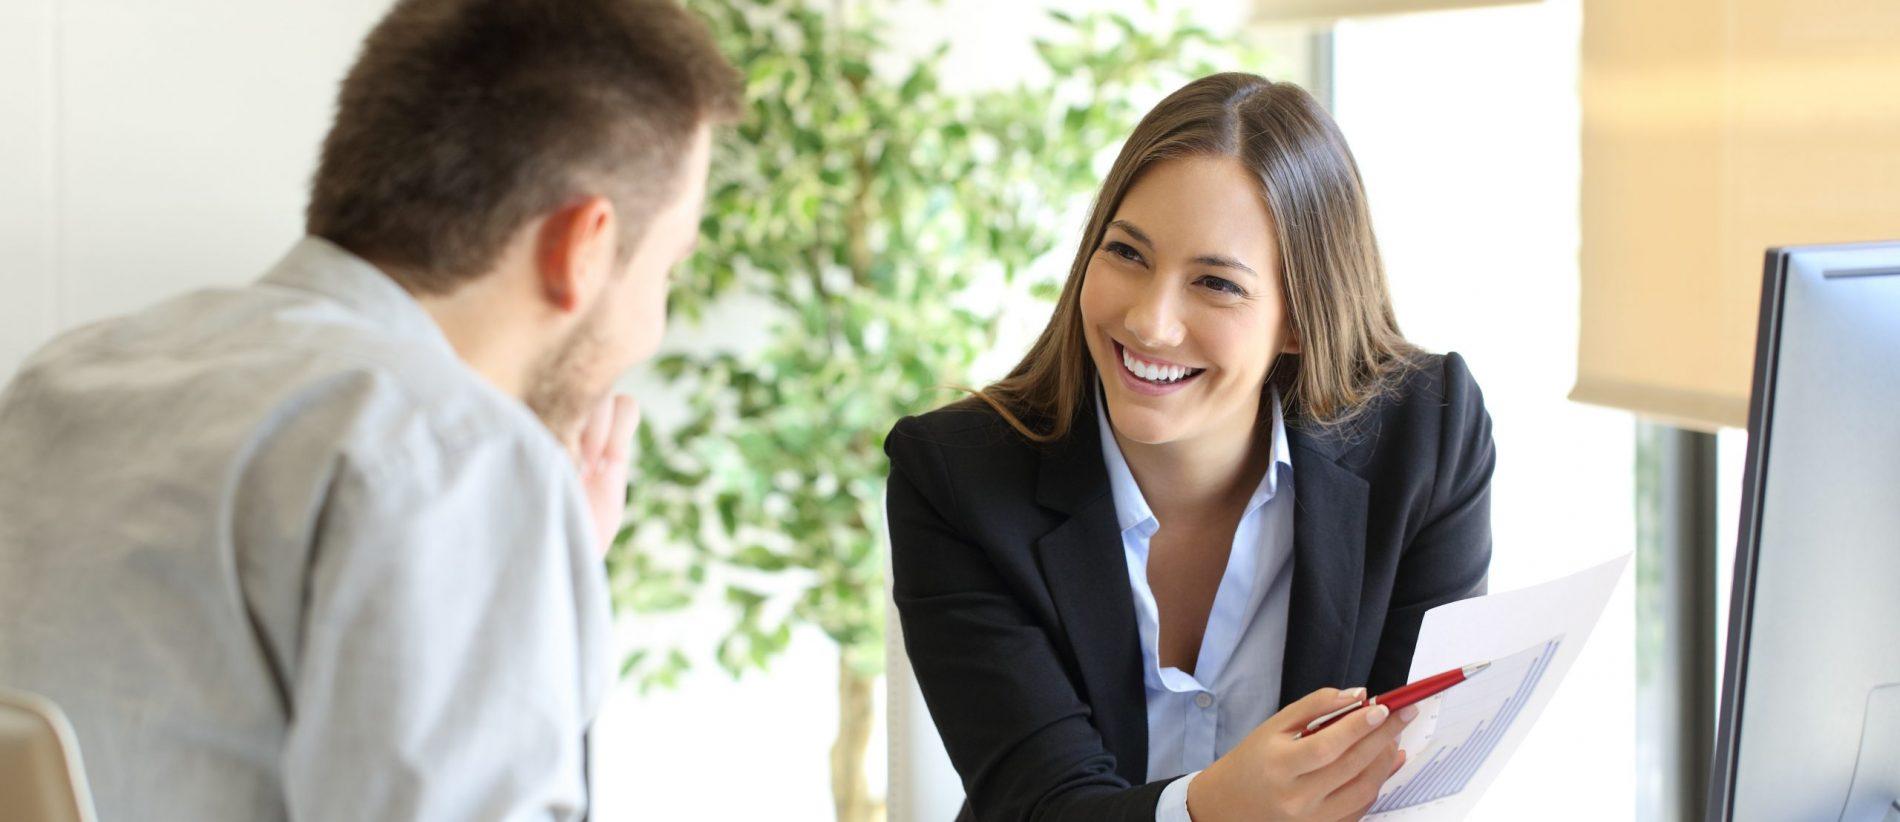 forretningskvinde giver rådgivning til kunde